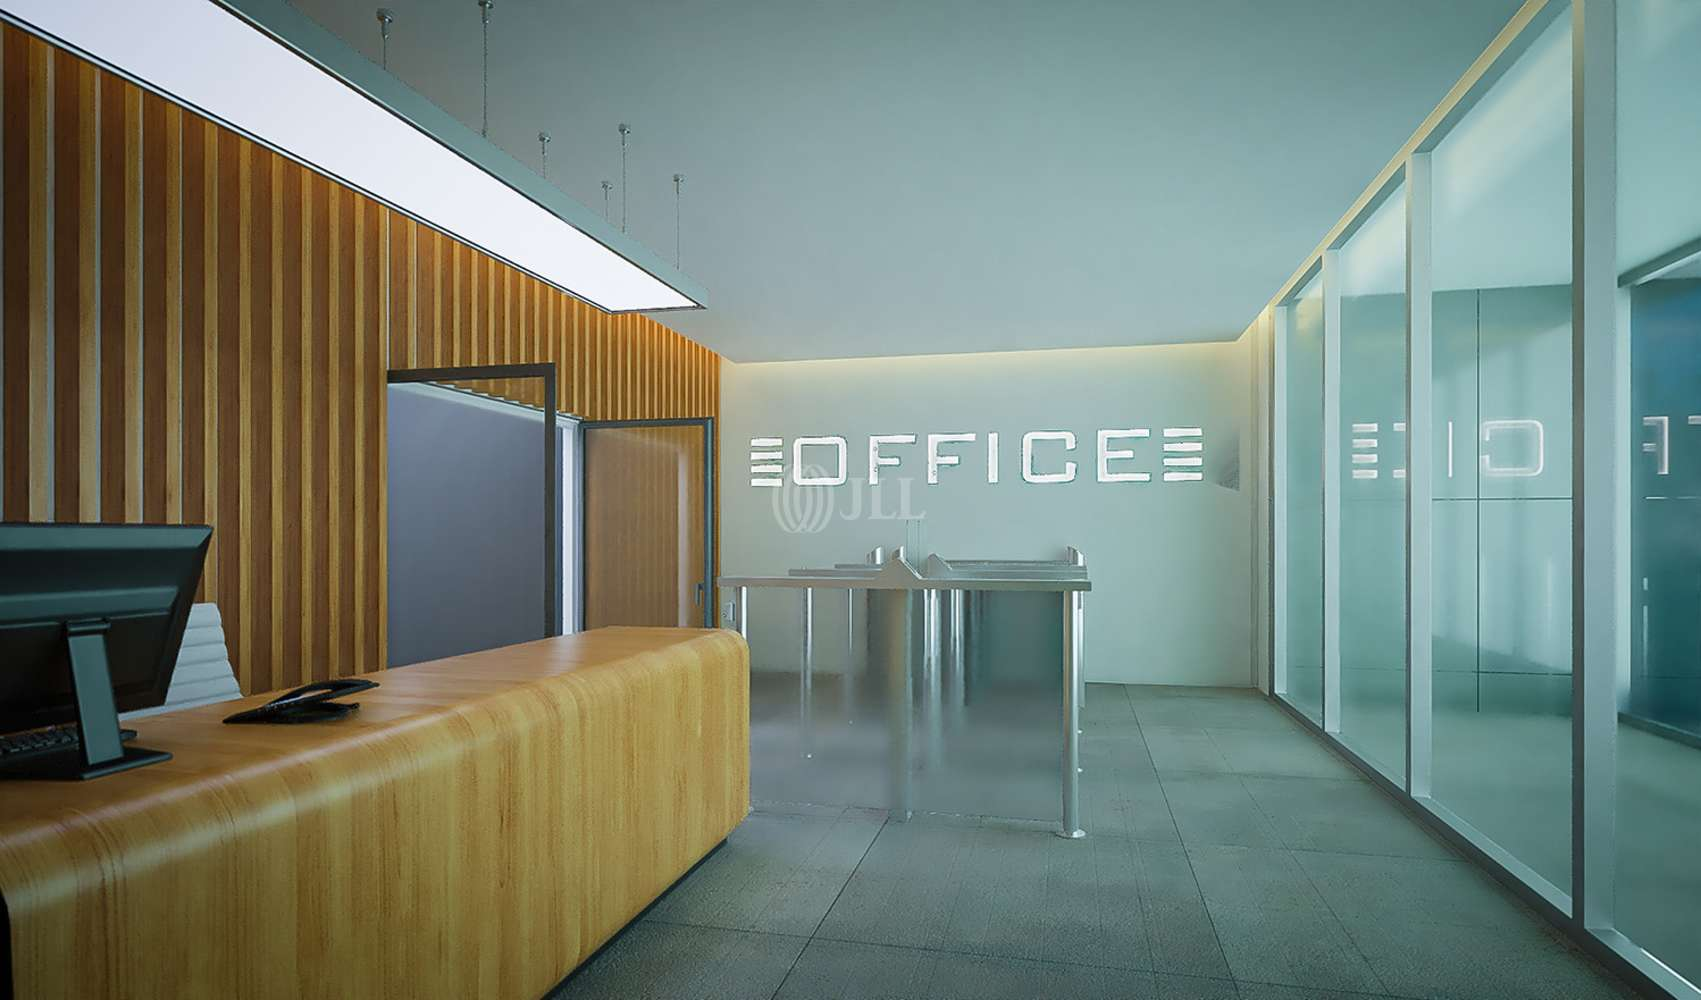 Escritórios Sao domigos de rana, 2789-524 - Alagoa Office & Retail Center